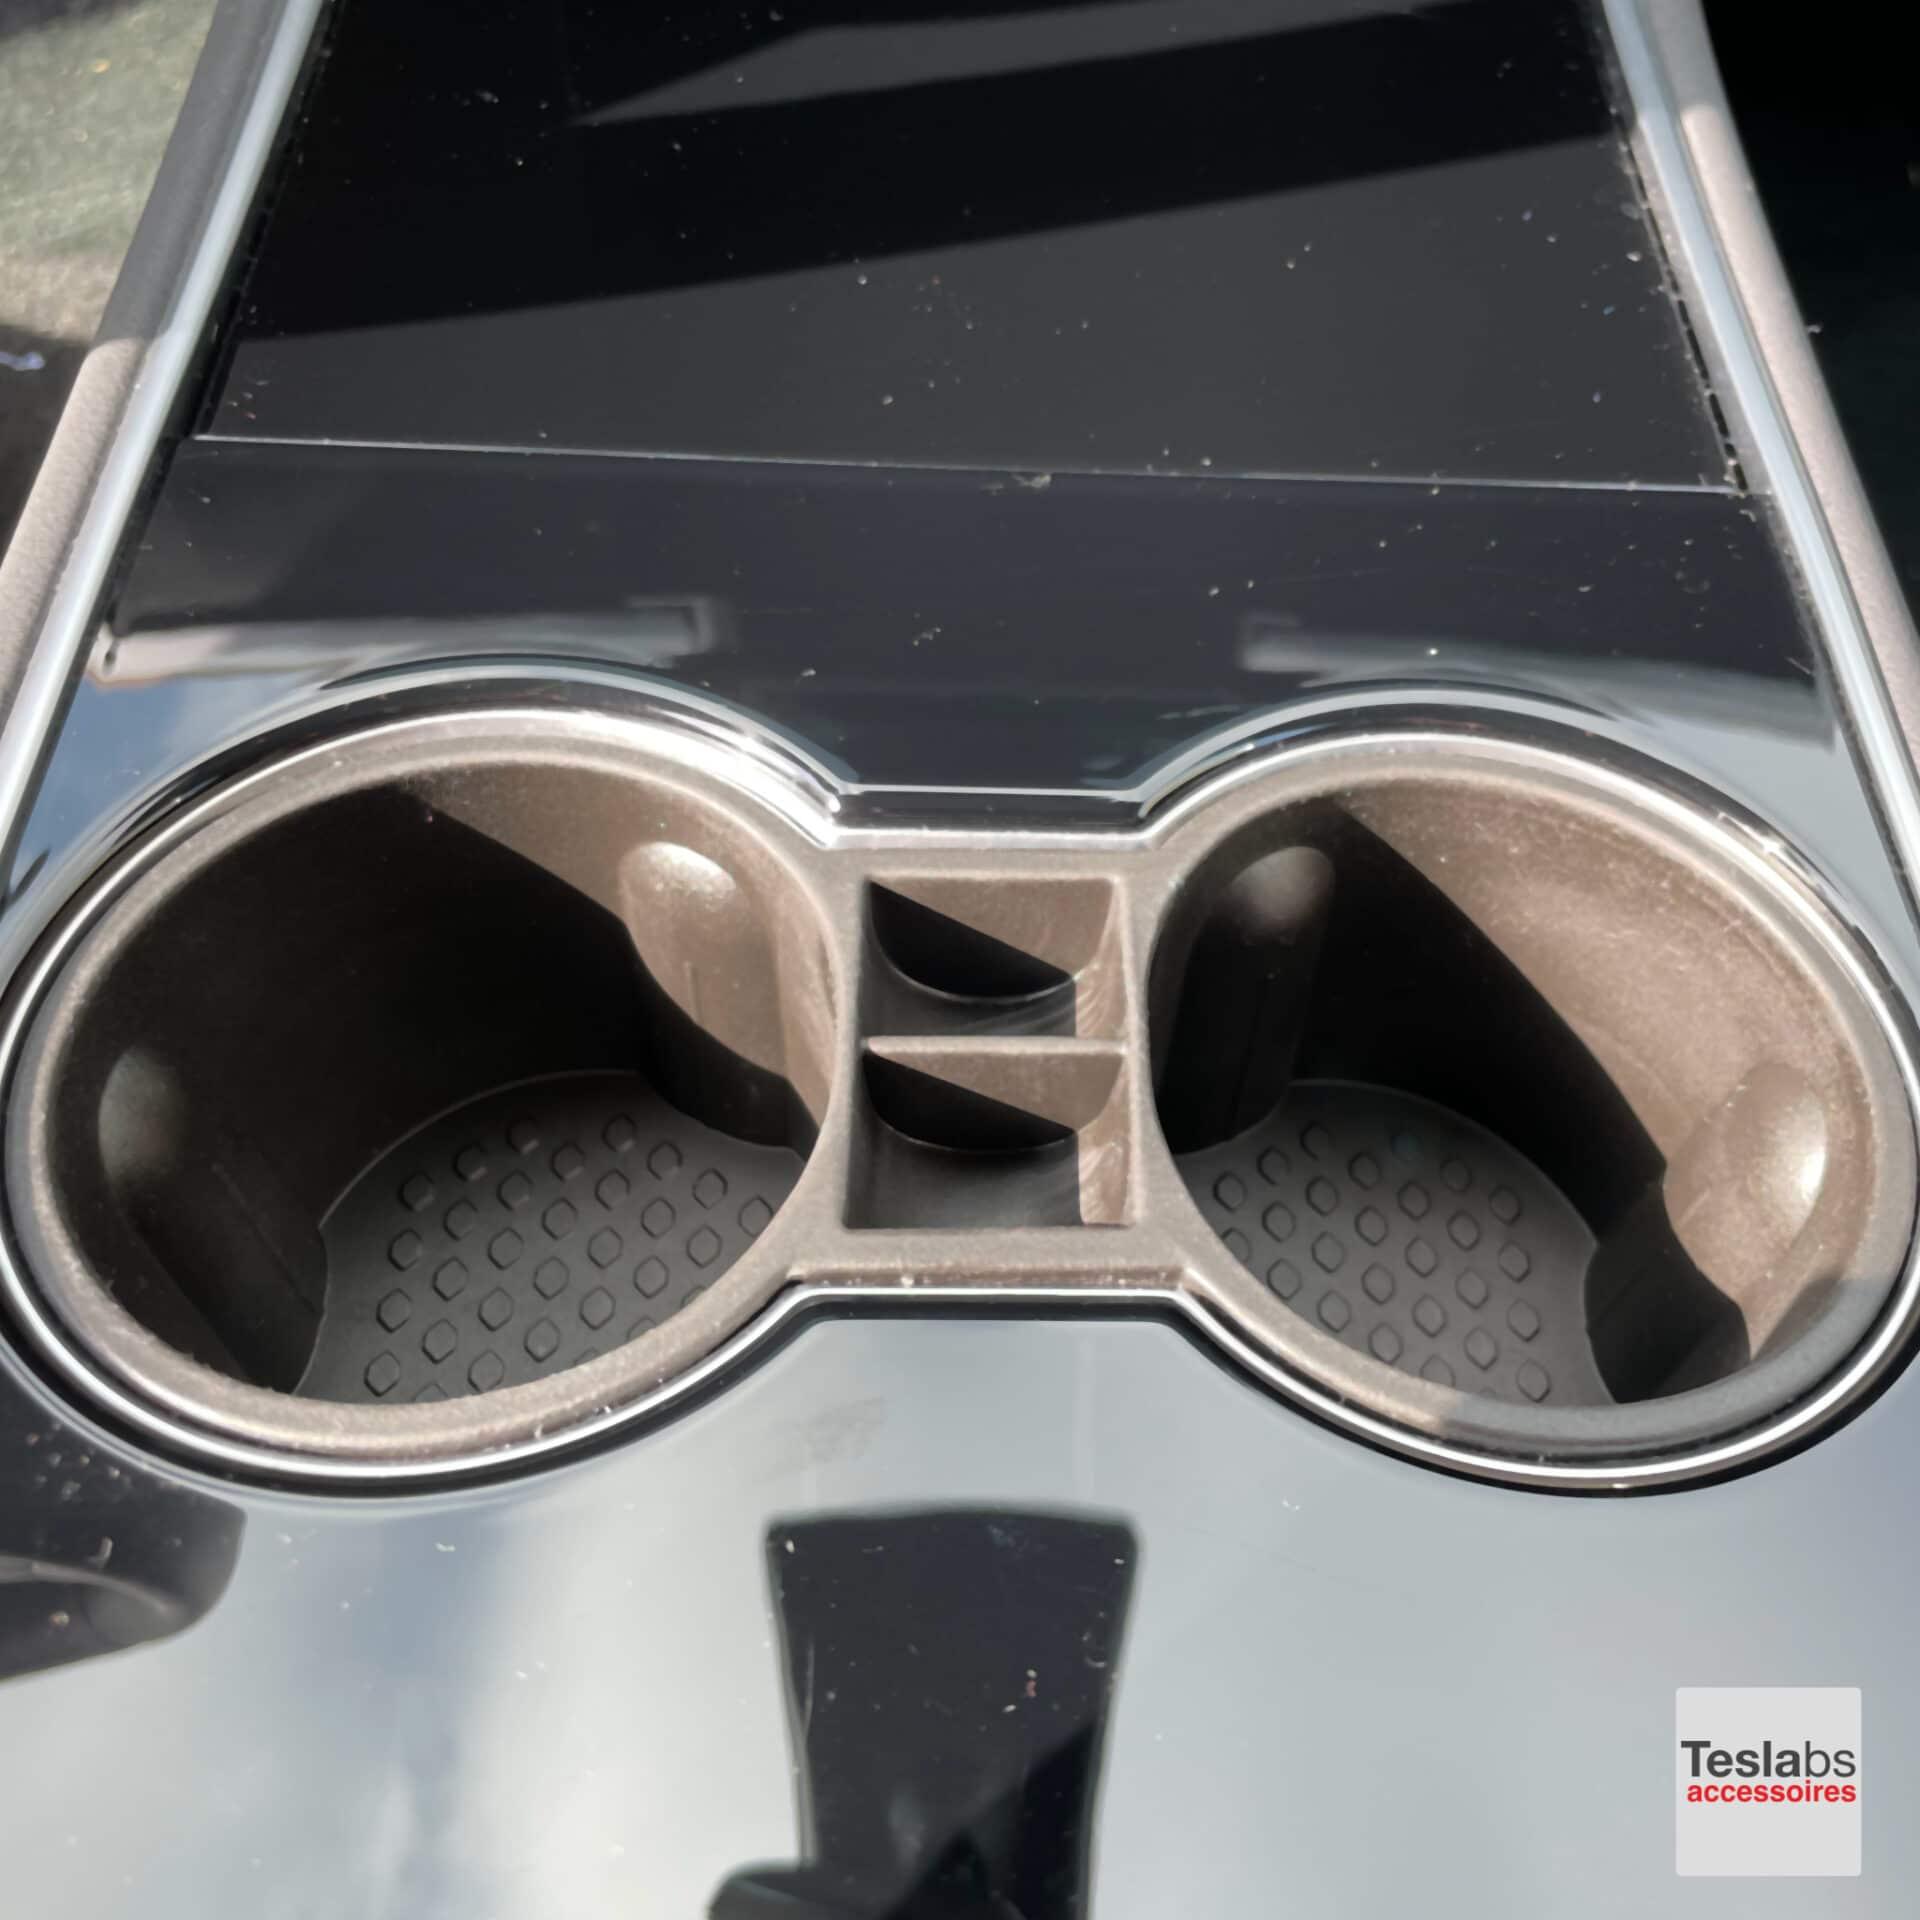 Tesla Model 3 bekerhouder in Tesla